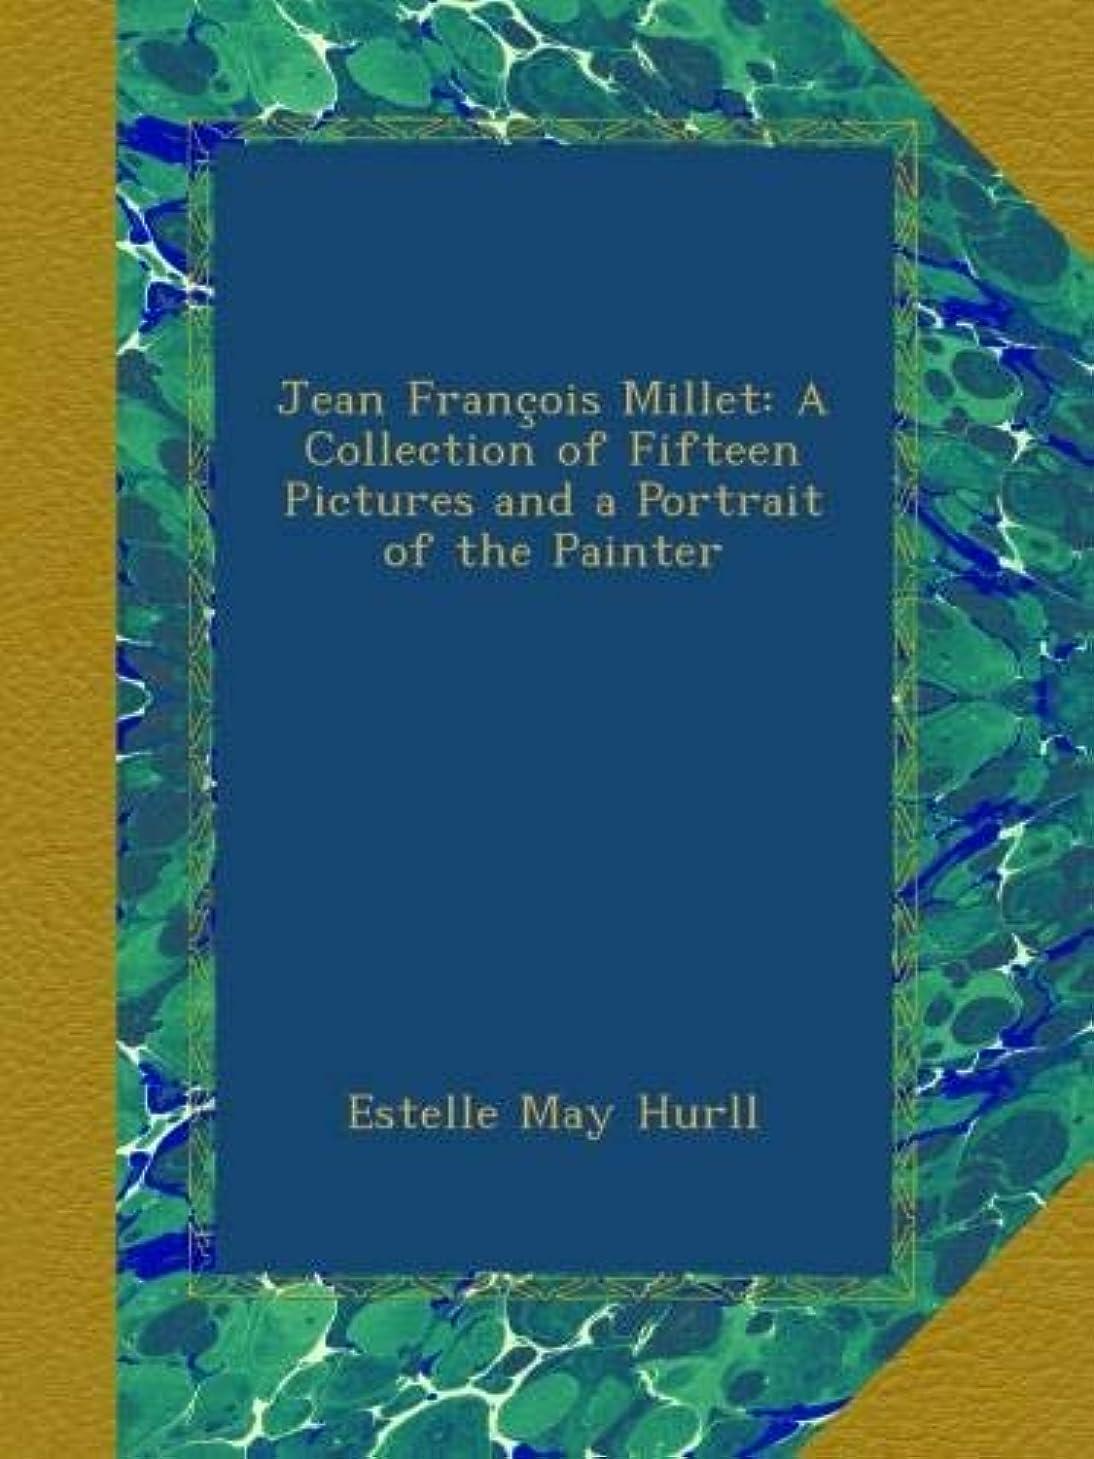 曲ハウジング最終Jean Fran?ois Millet: A Collection of Fifteen Pictures and a Portrait of the Painter